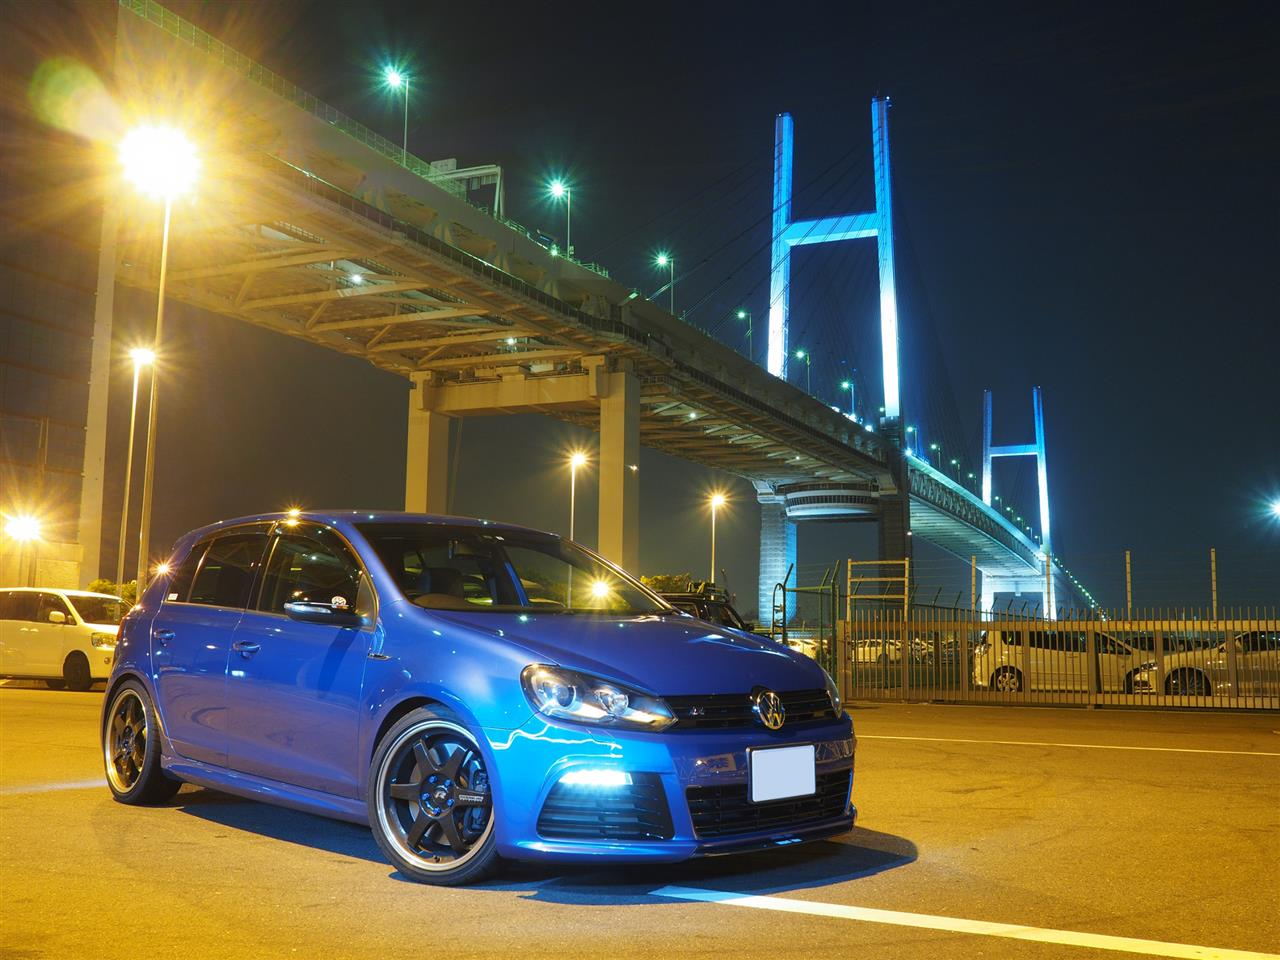 ゴルフR 青い車 impactblue